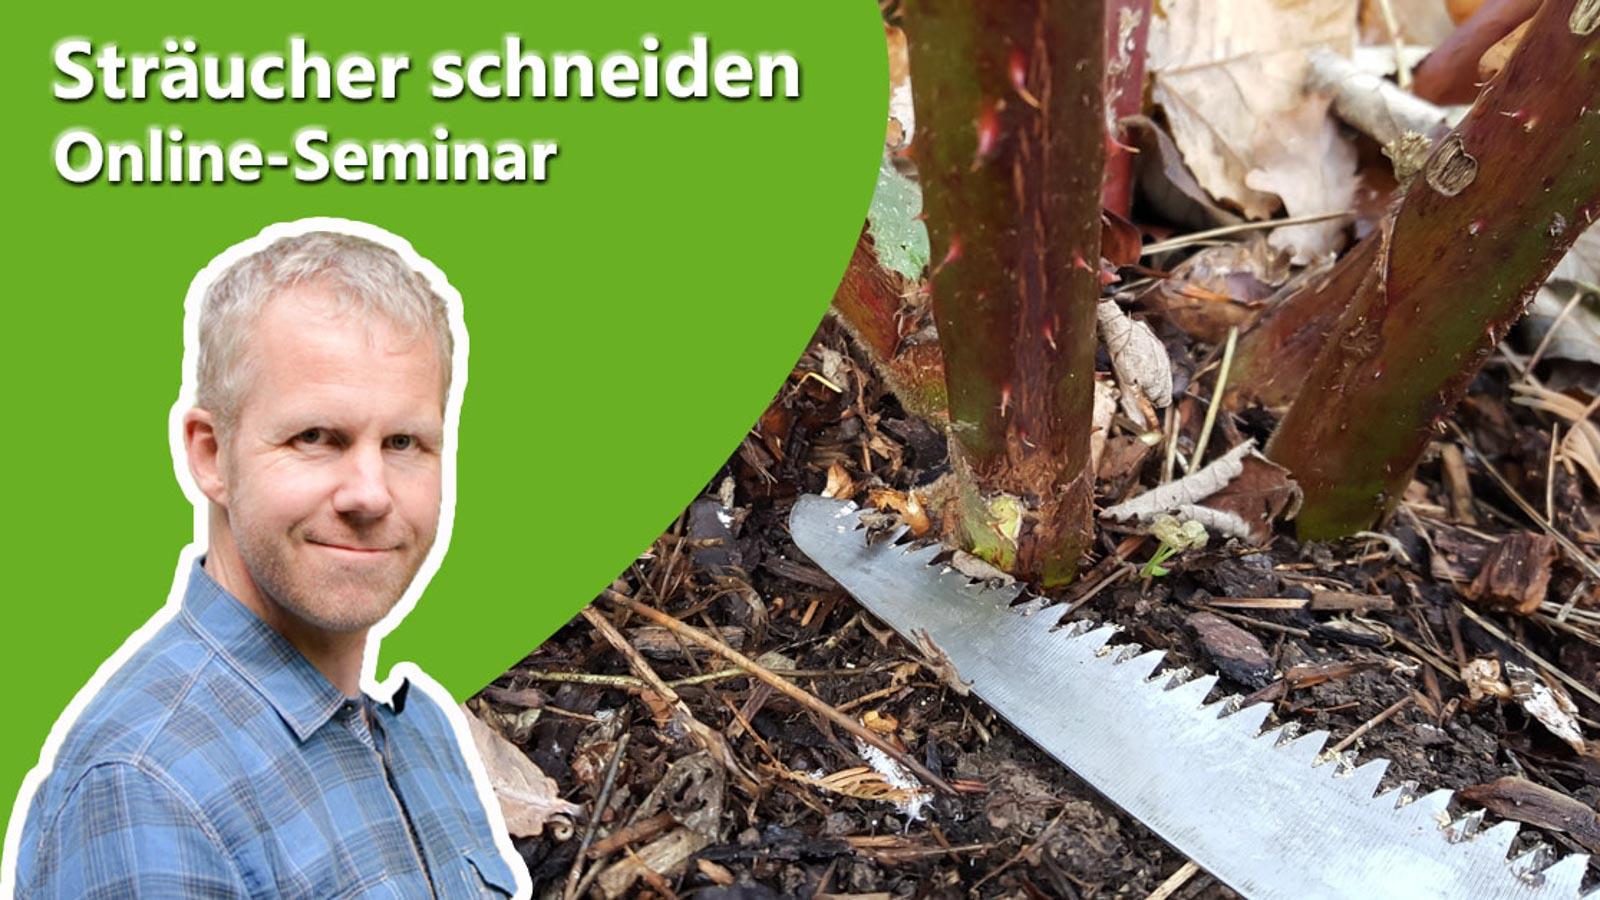 Philippe Dahlmann auf Bild mit einer Säge zur Ankündigung des Online-Seminars Sträucher richtig schneiden.